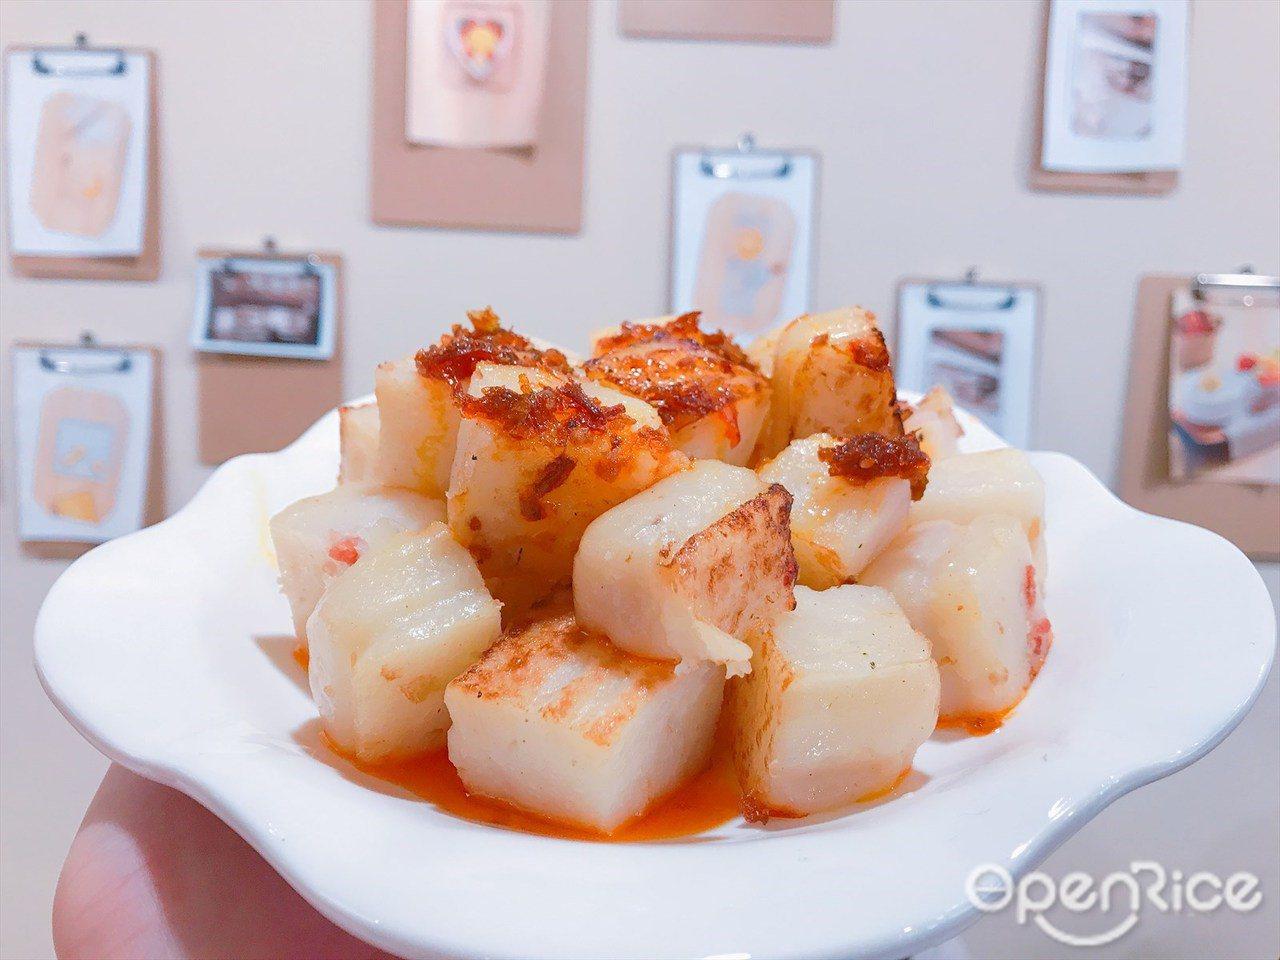 ▲▼「許留山台灣一號店」更推出了輕食系列,有港式蘿蔔糕、韓式炸雞等。